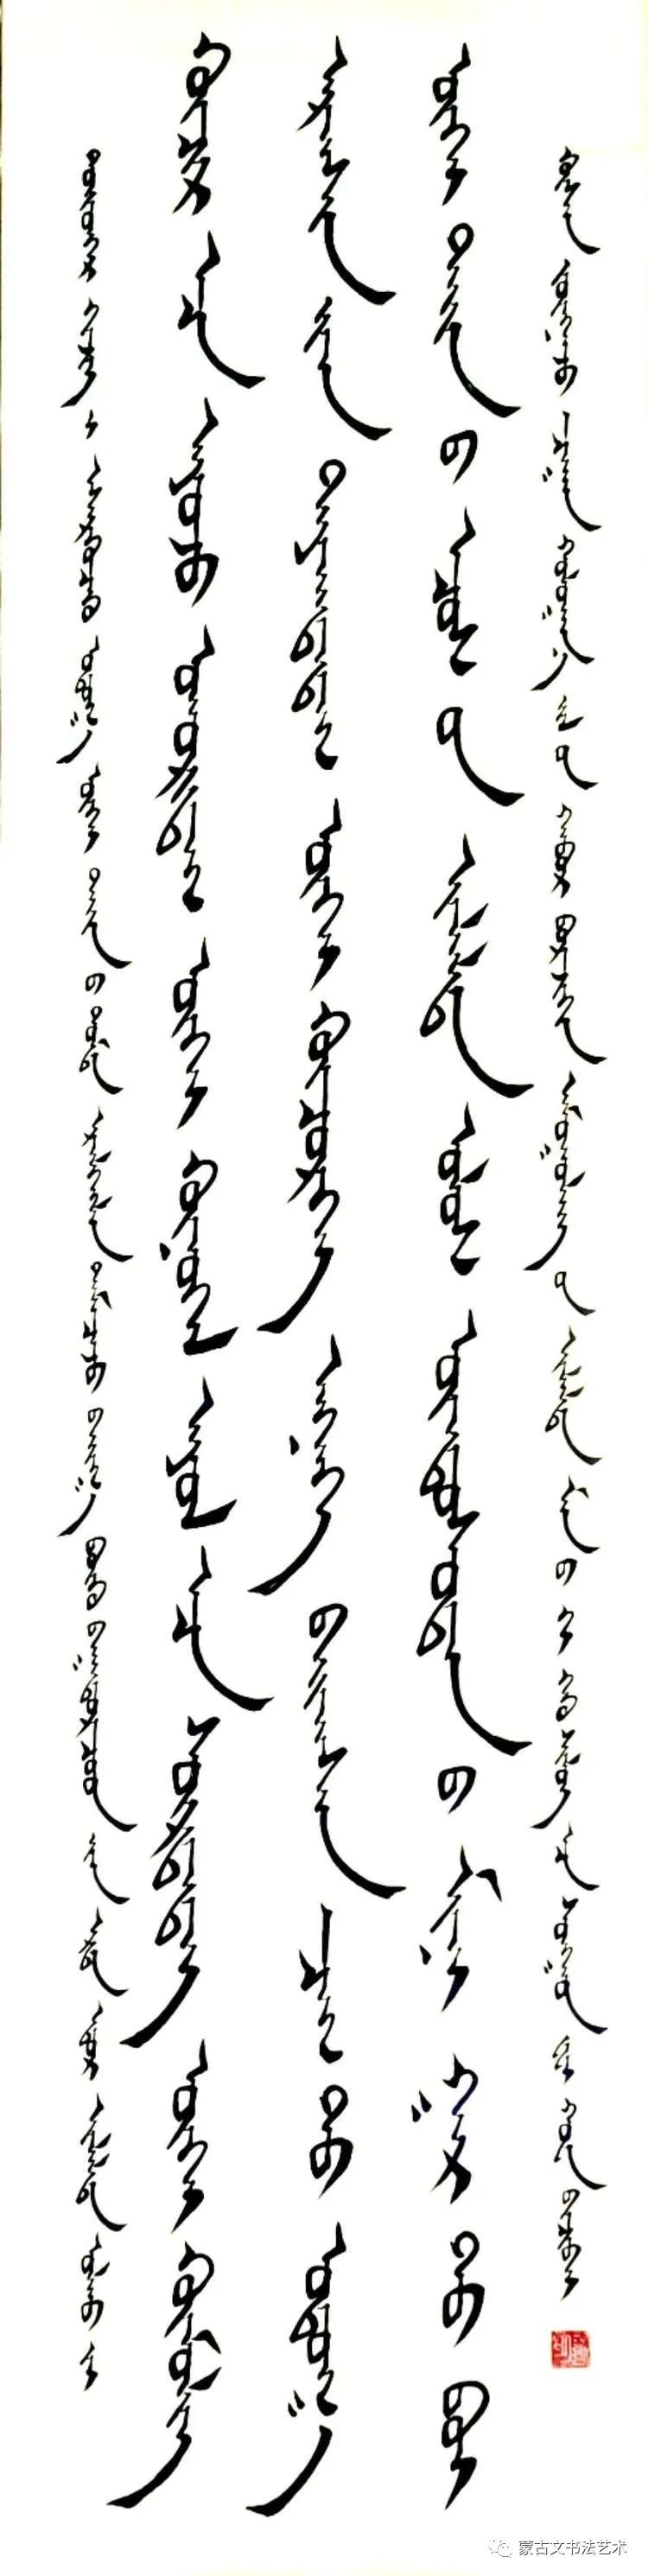 伟花蒙古文书法 第3张 伟花蒙古文书法 蒙古书法